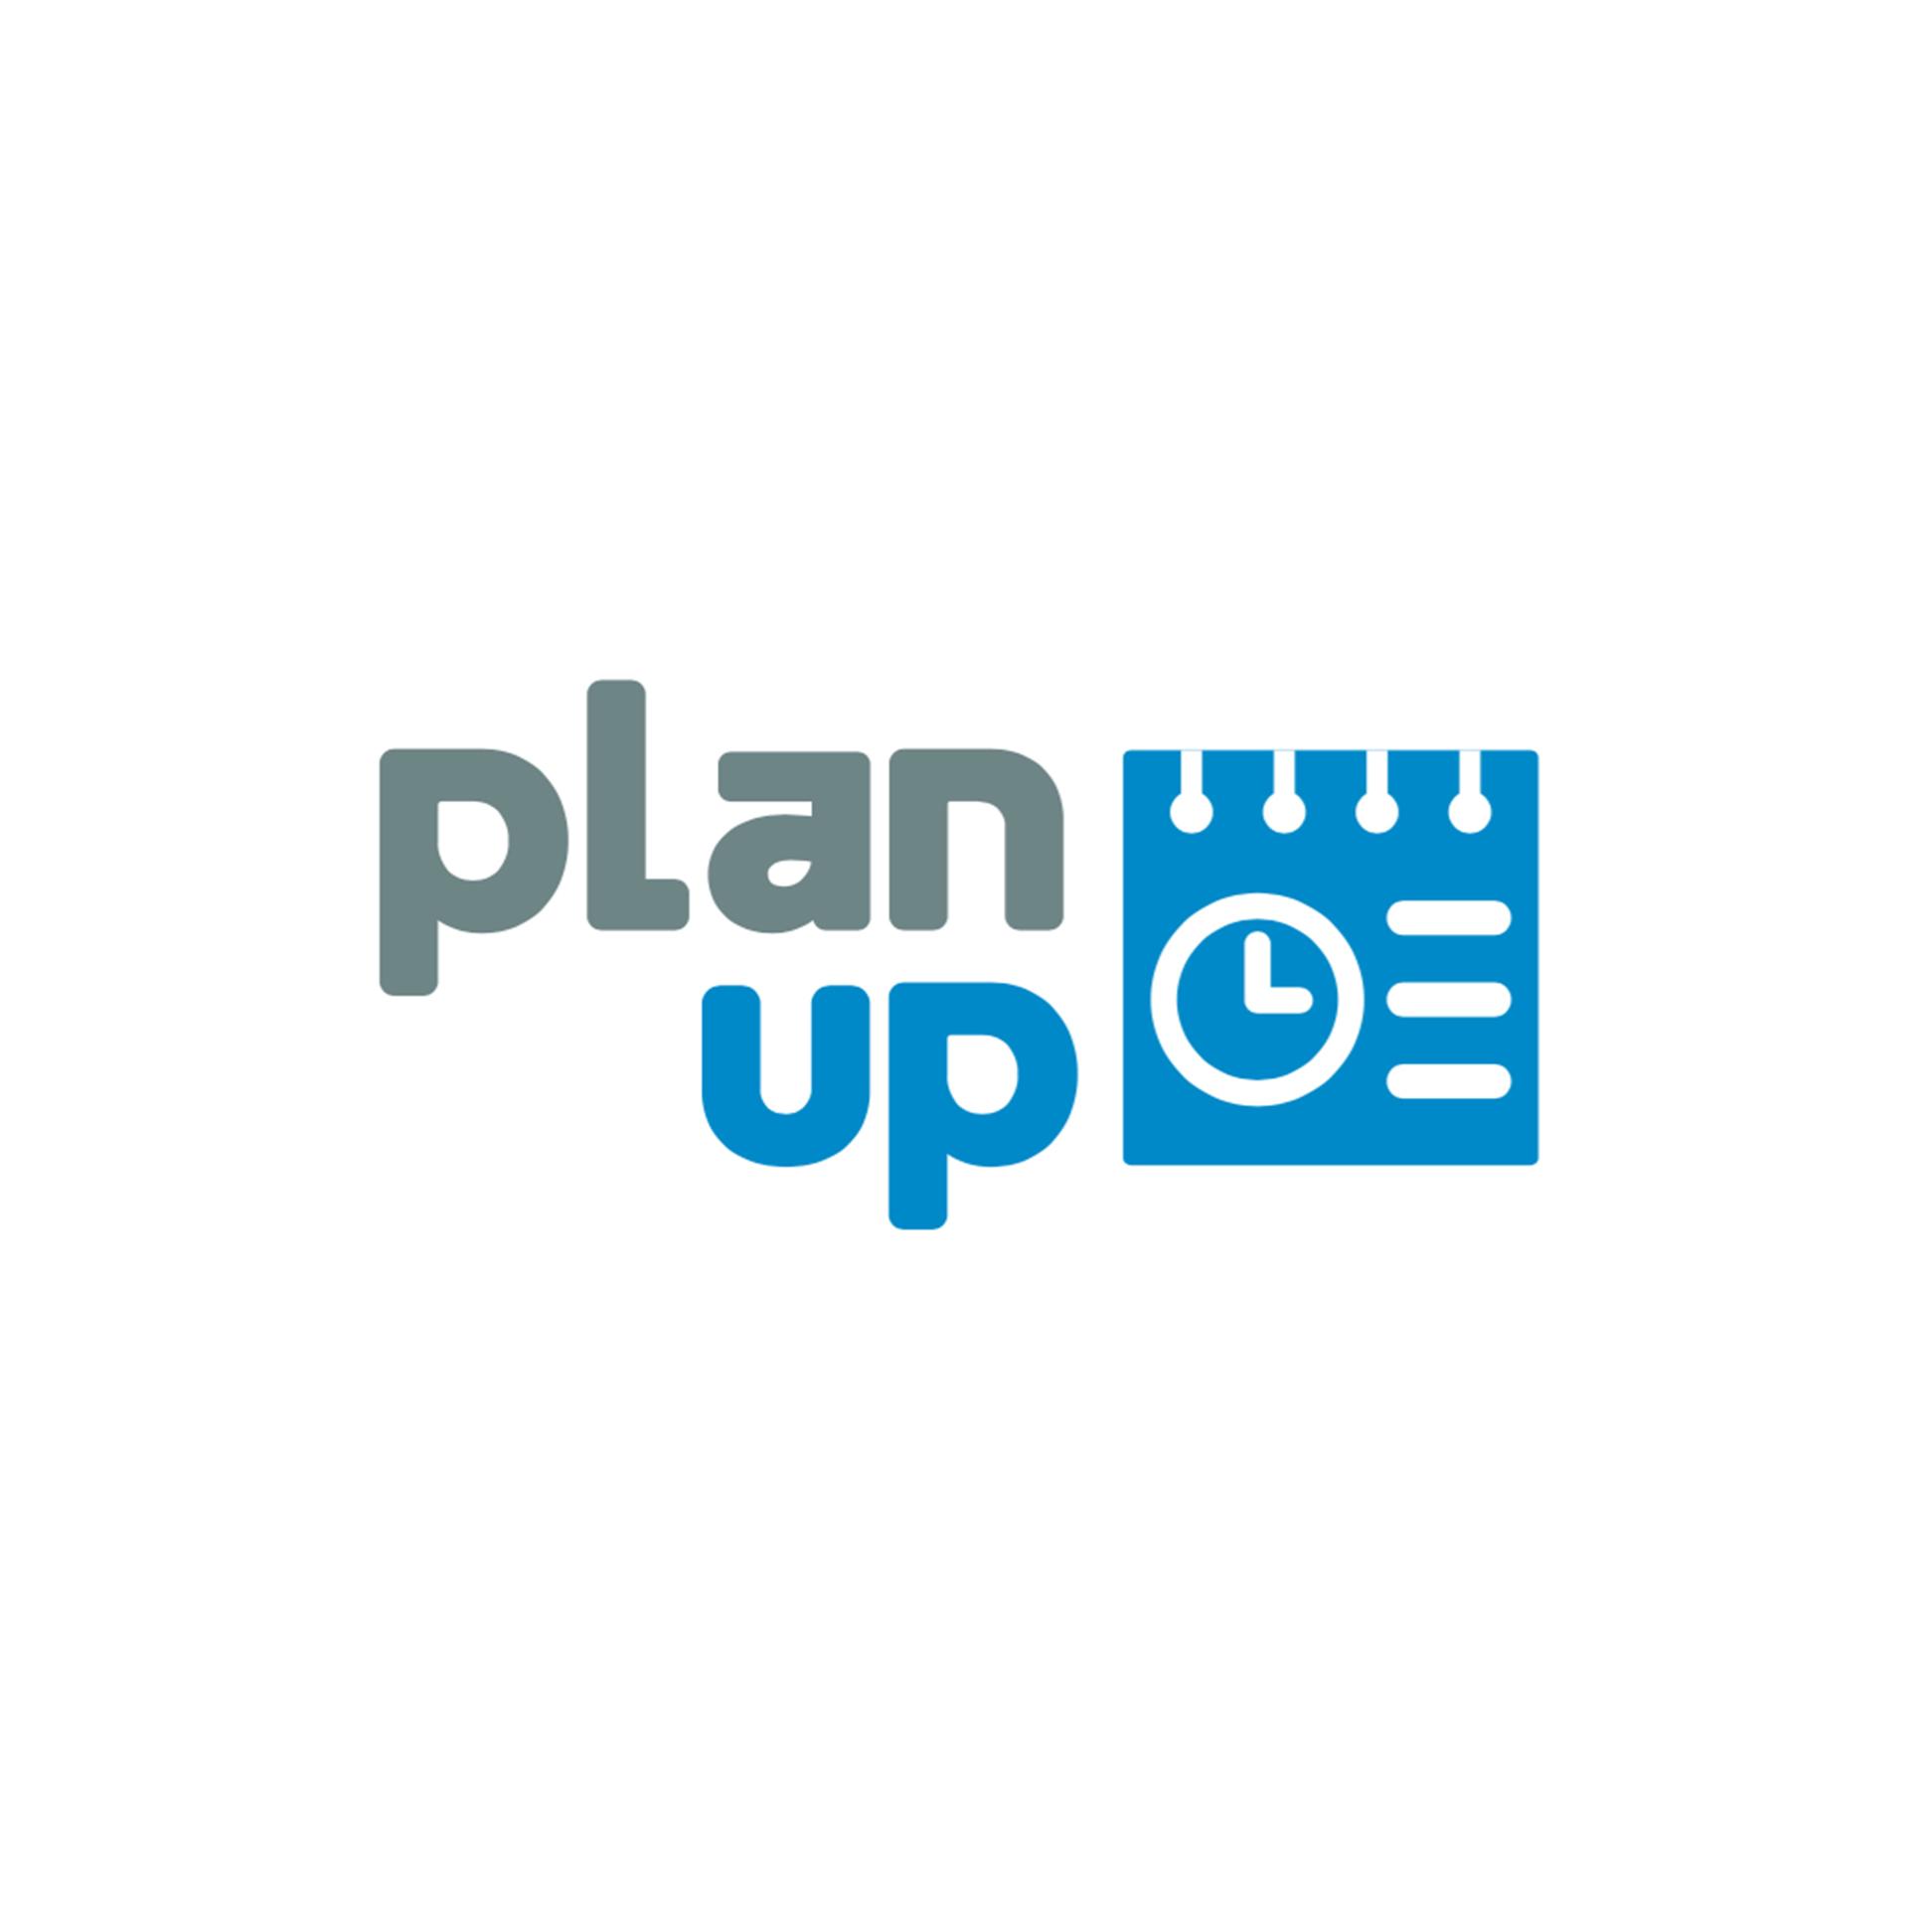 Plan Up: davvero può essere così semplice?